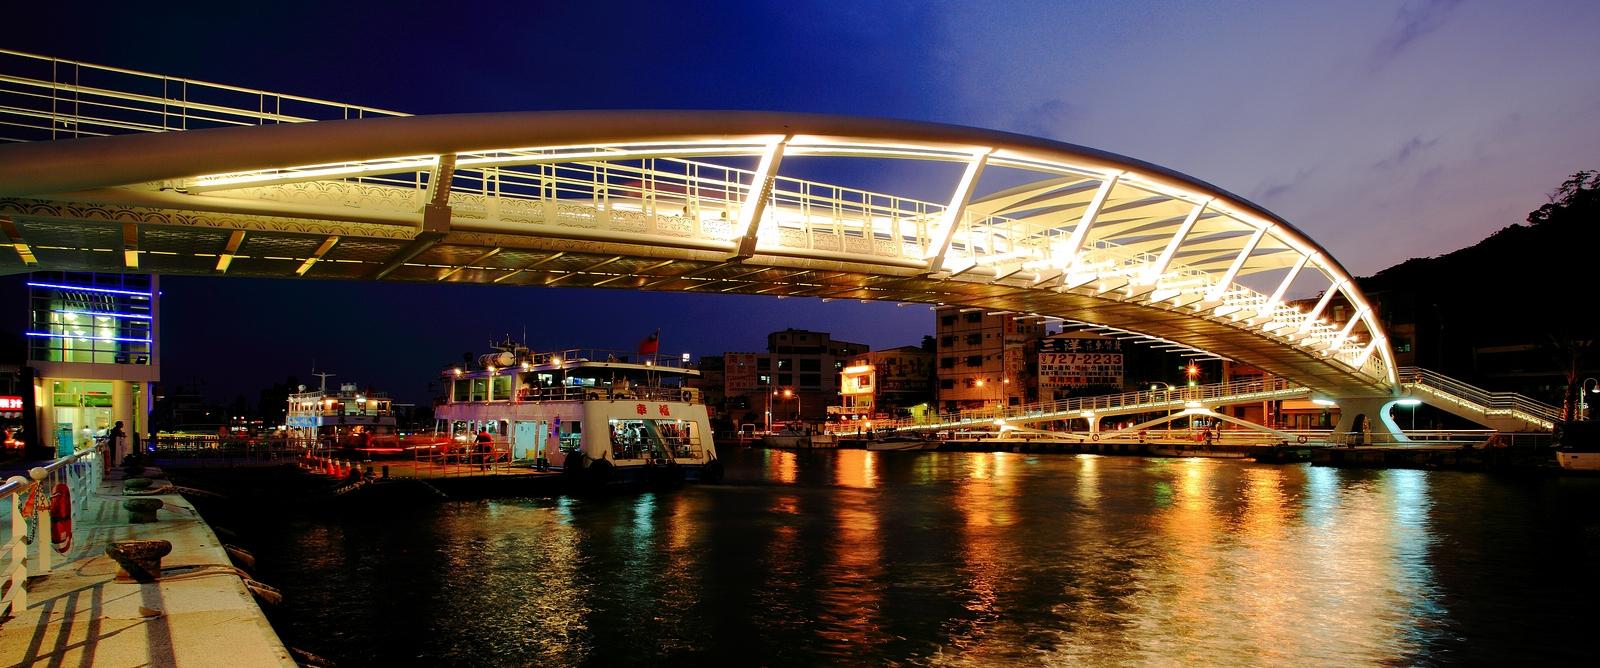 橋 梁 - Bridge